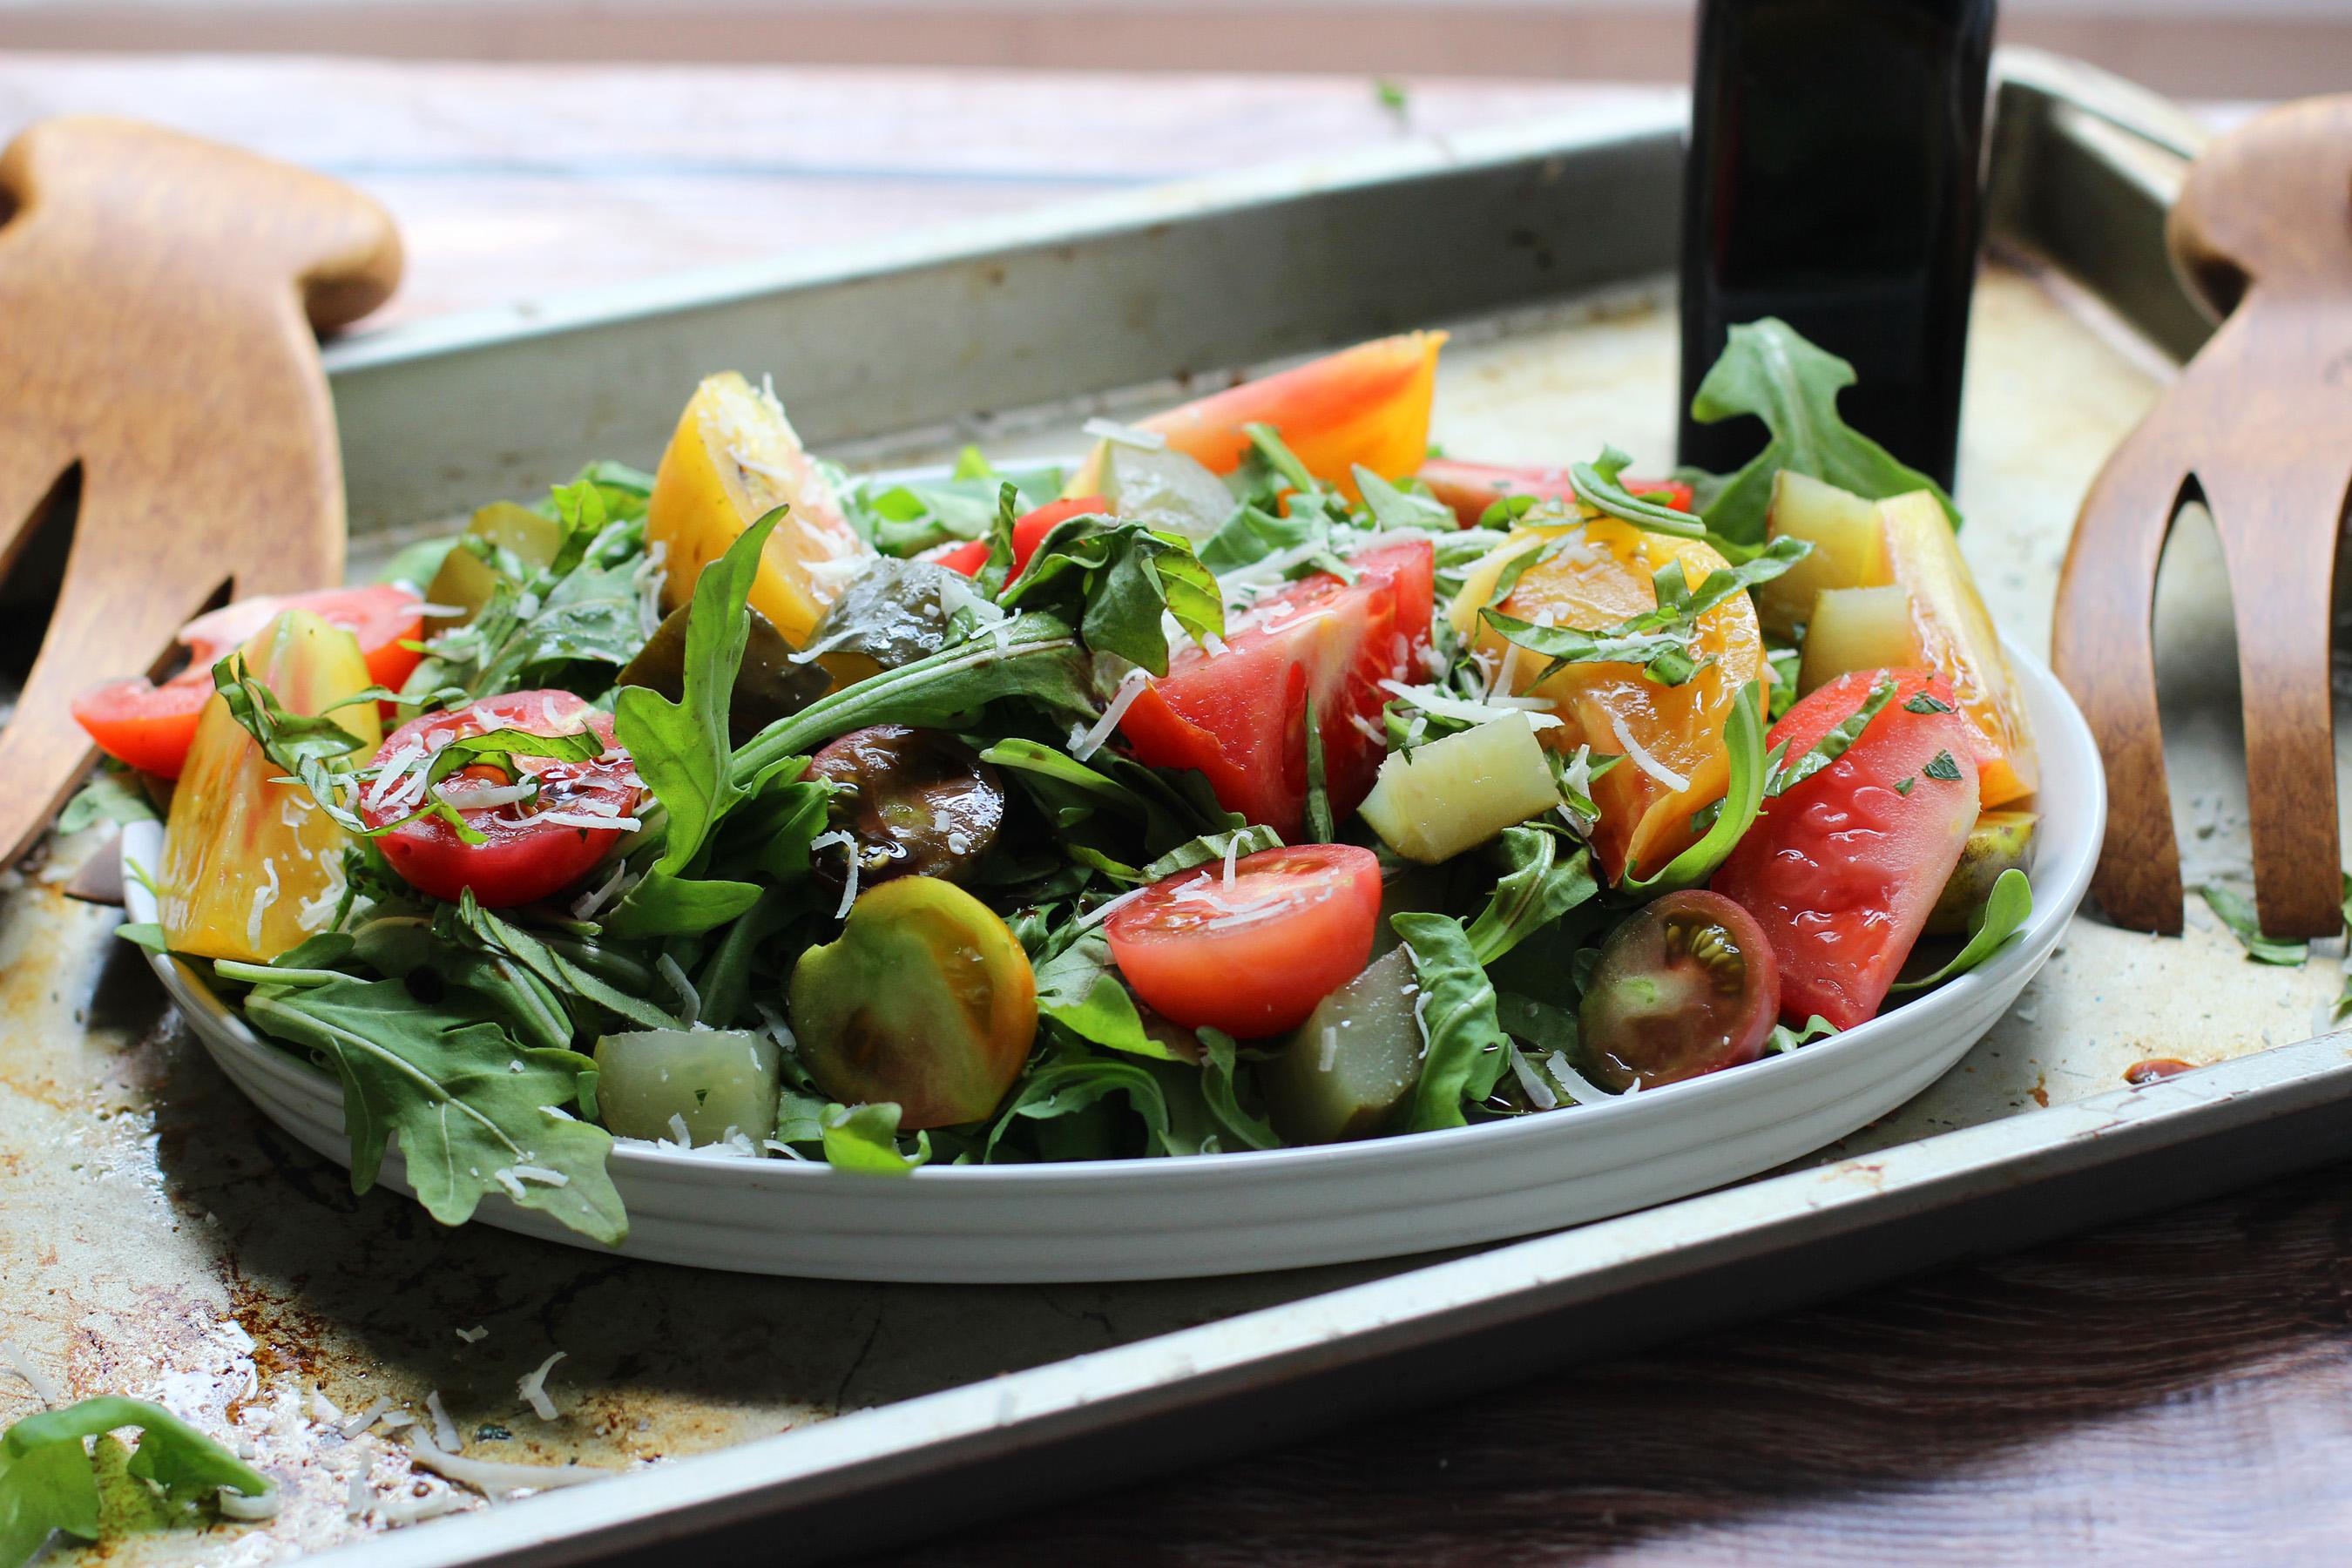 Vlasic Heirloom Tomato Salad